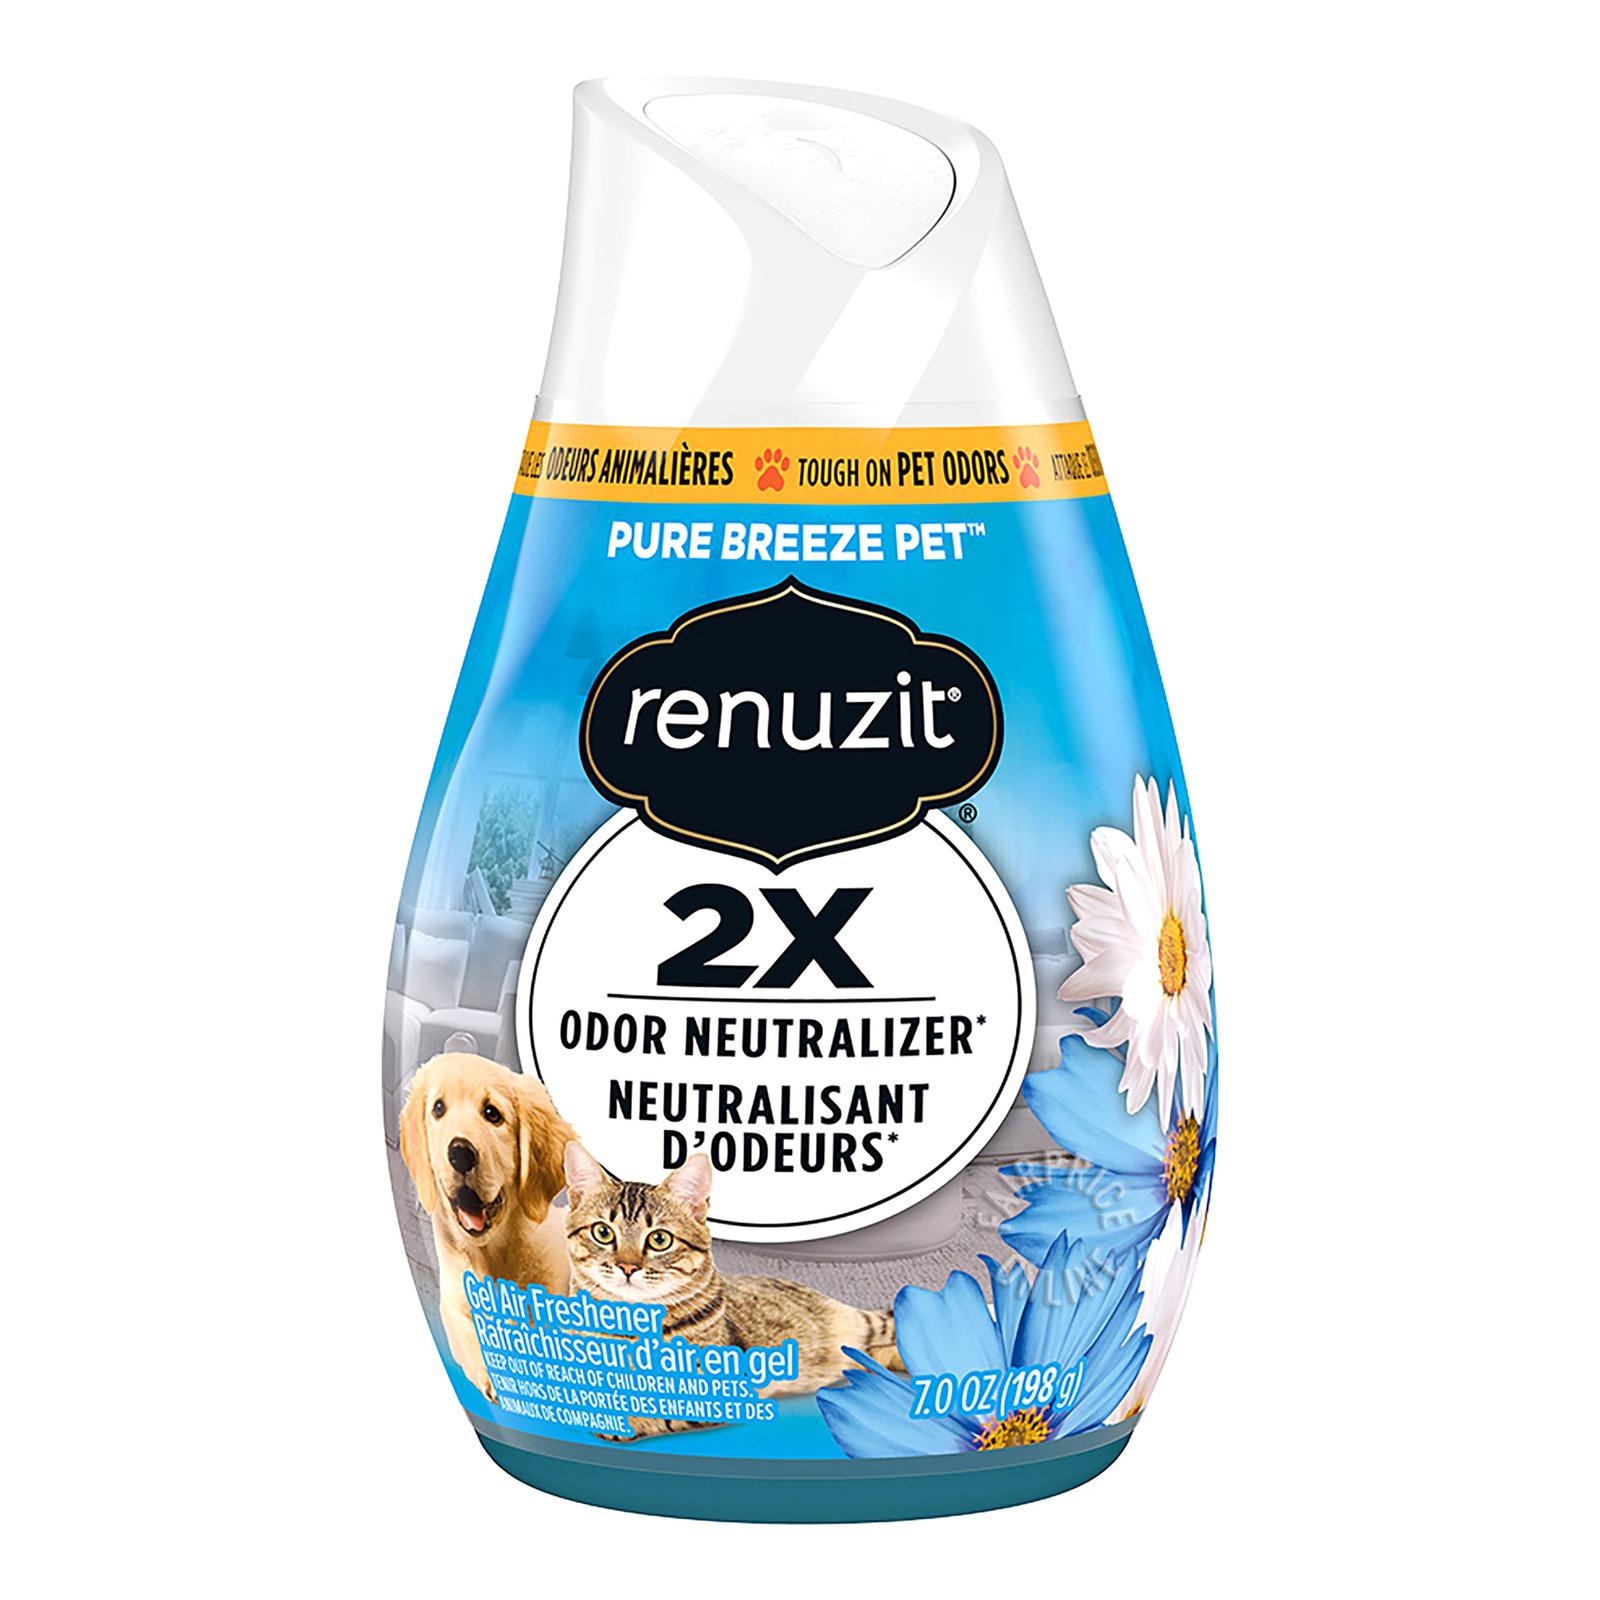 Renuzit Gel Air Freshener - Pure Breeze